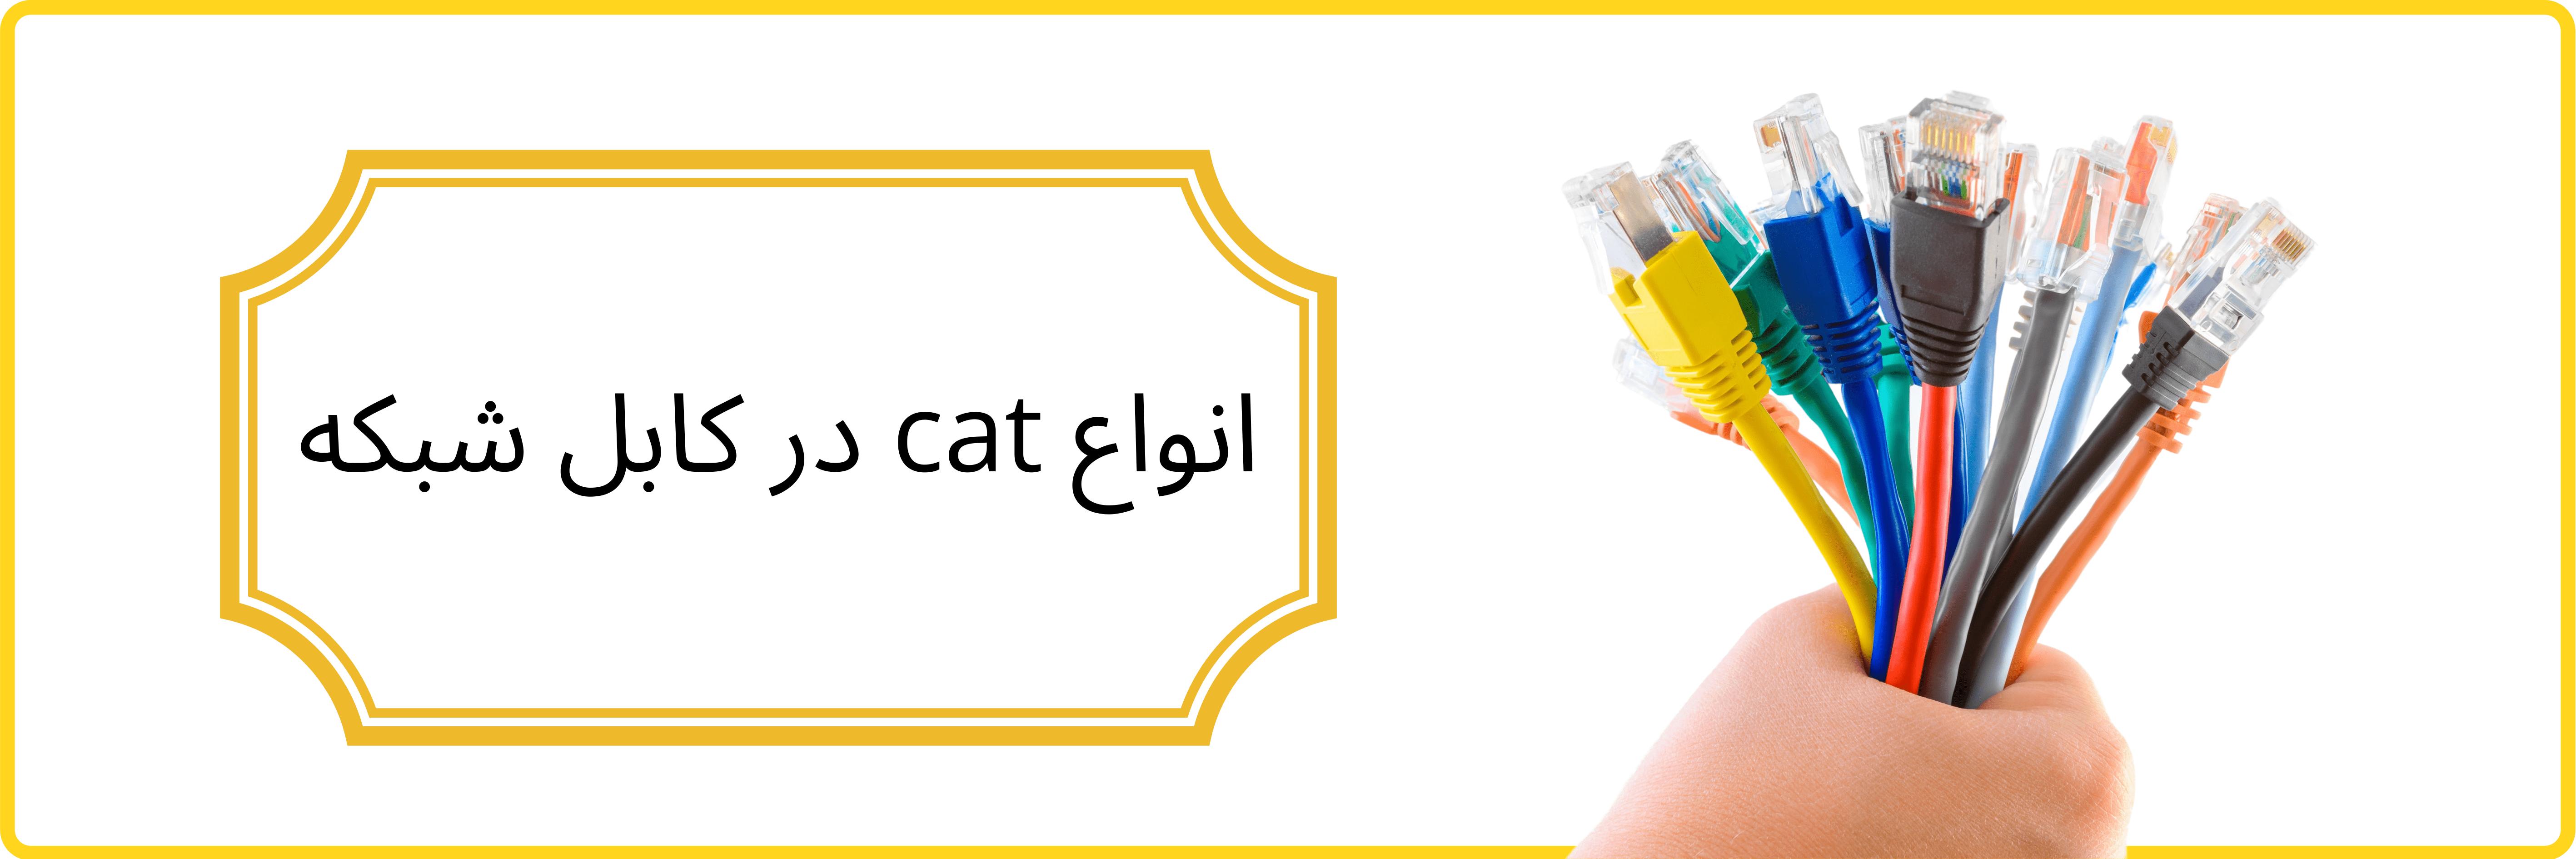 cat در کابل شبکه